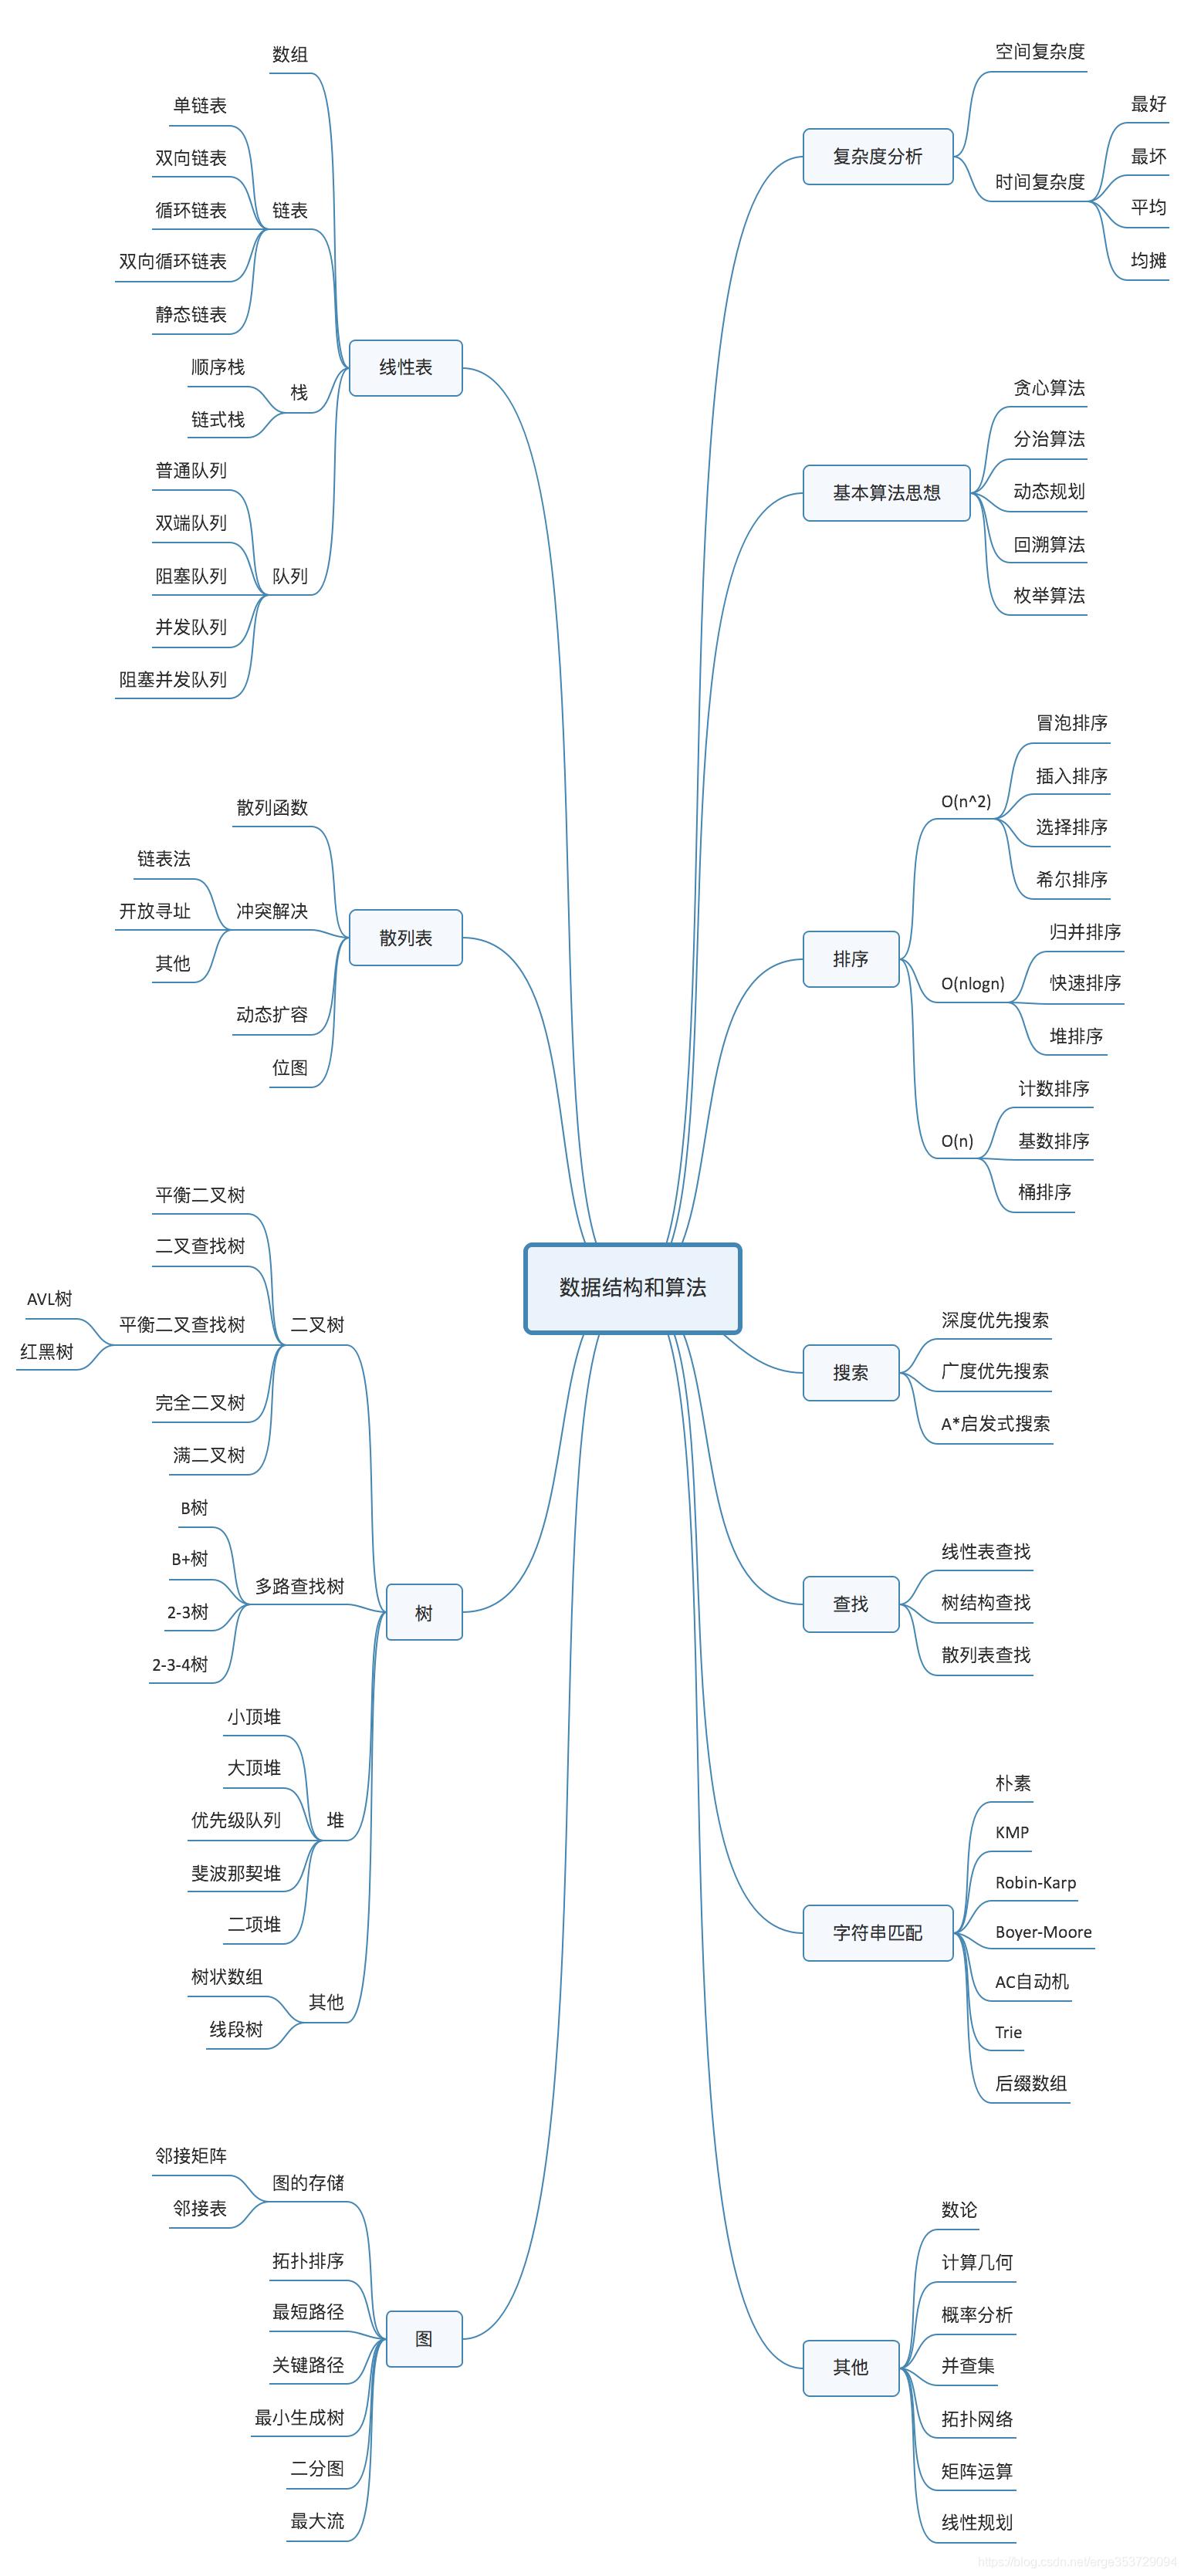 数据结构和算法知识点